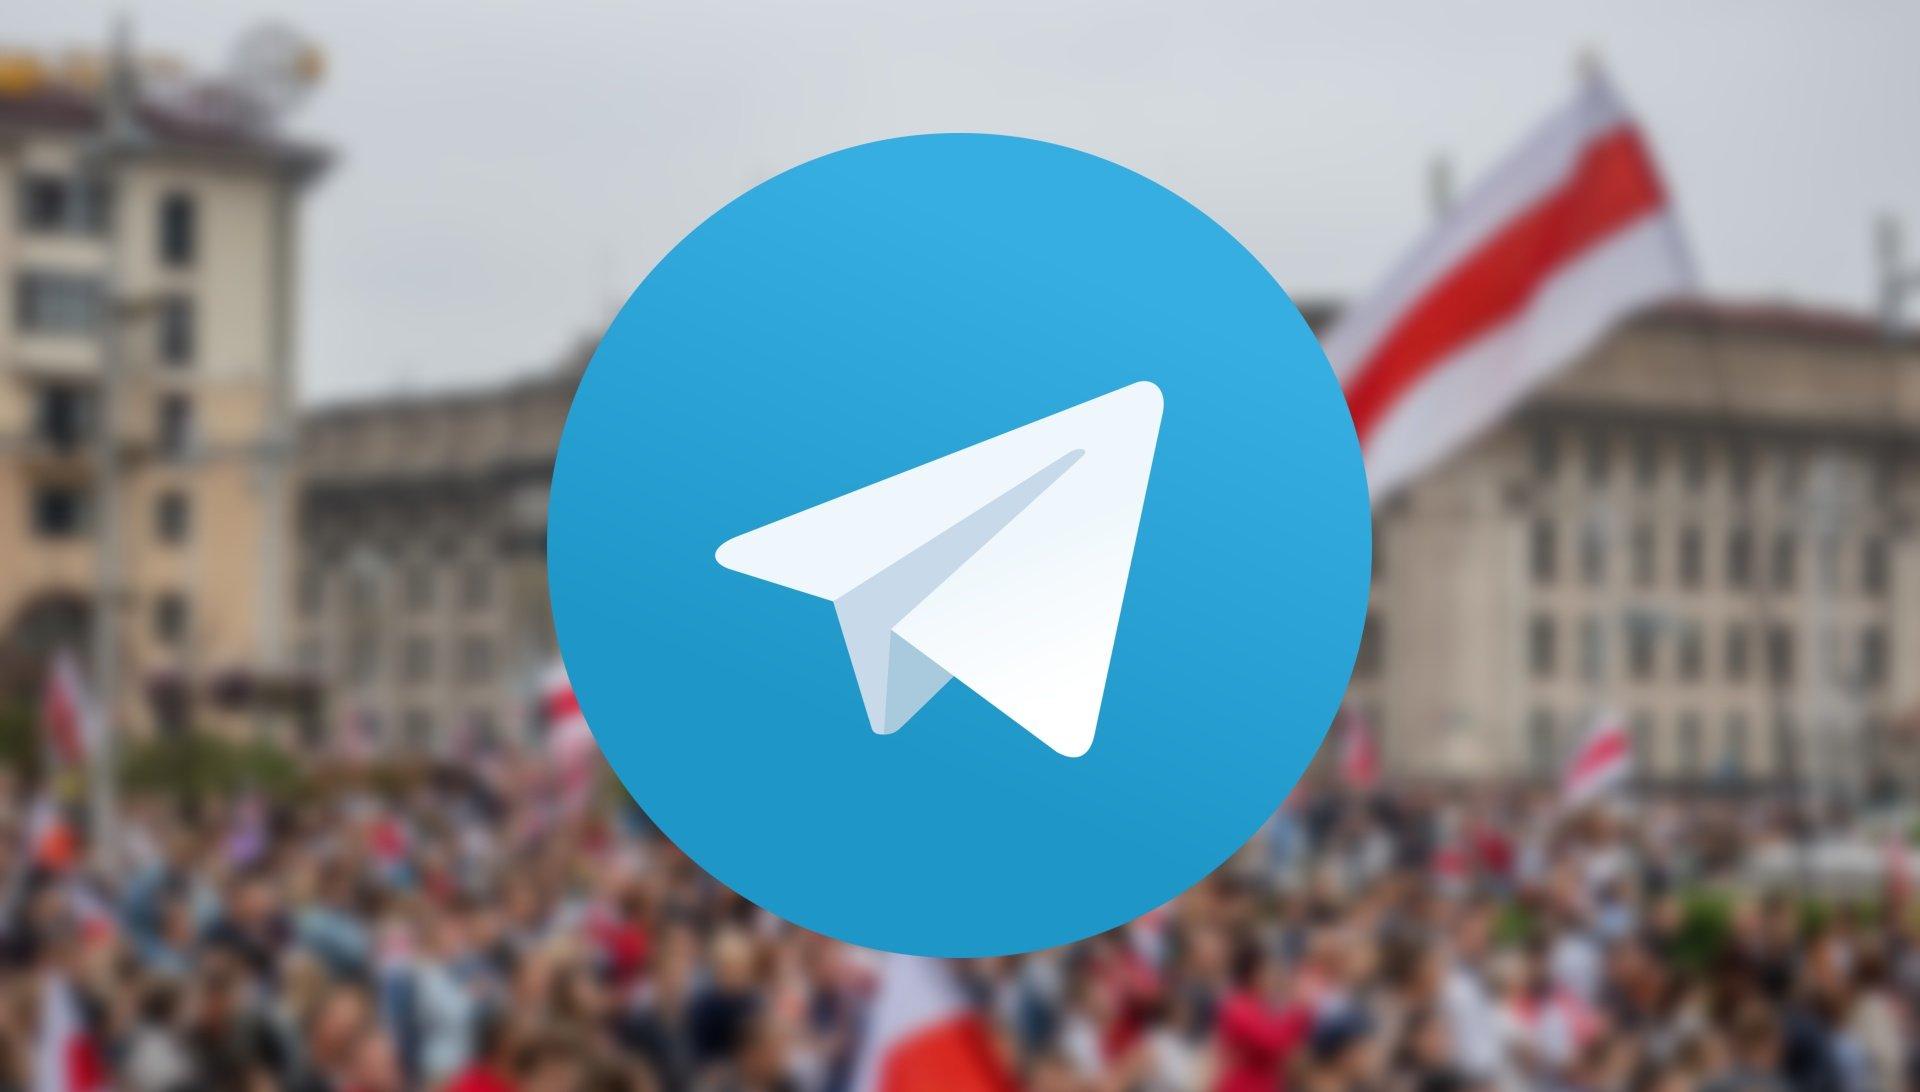 Telegramová revoluce? Osud Běloruska ovlivňuje jediná aplikace